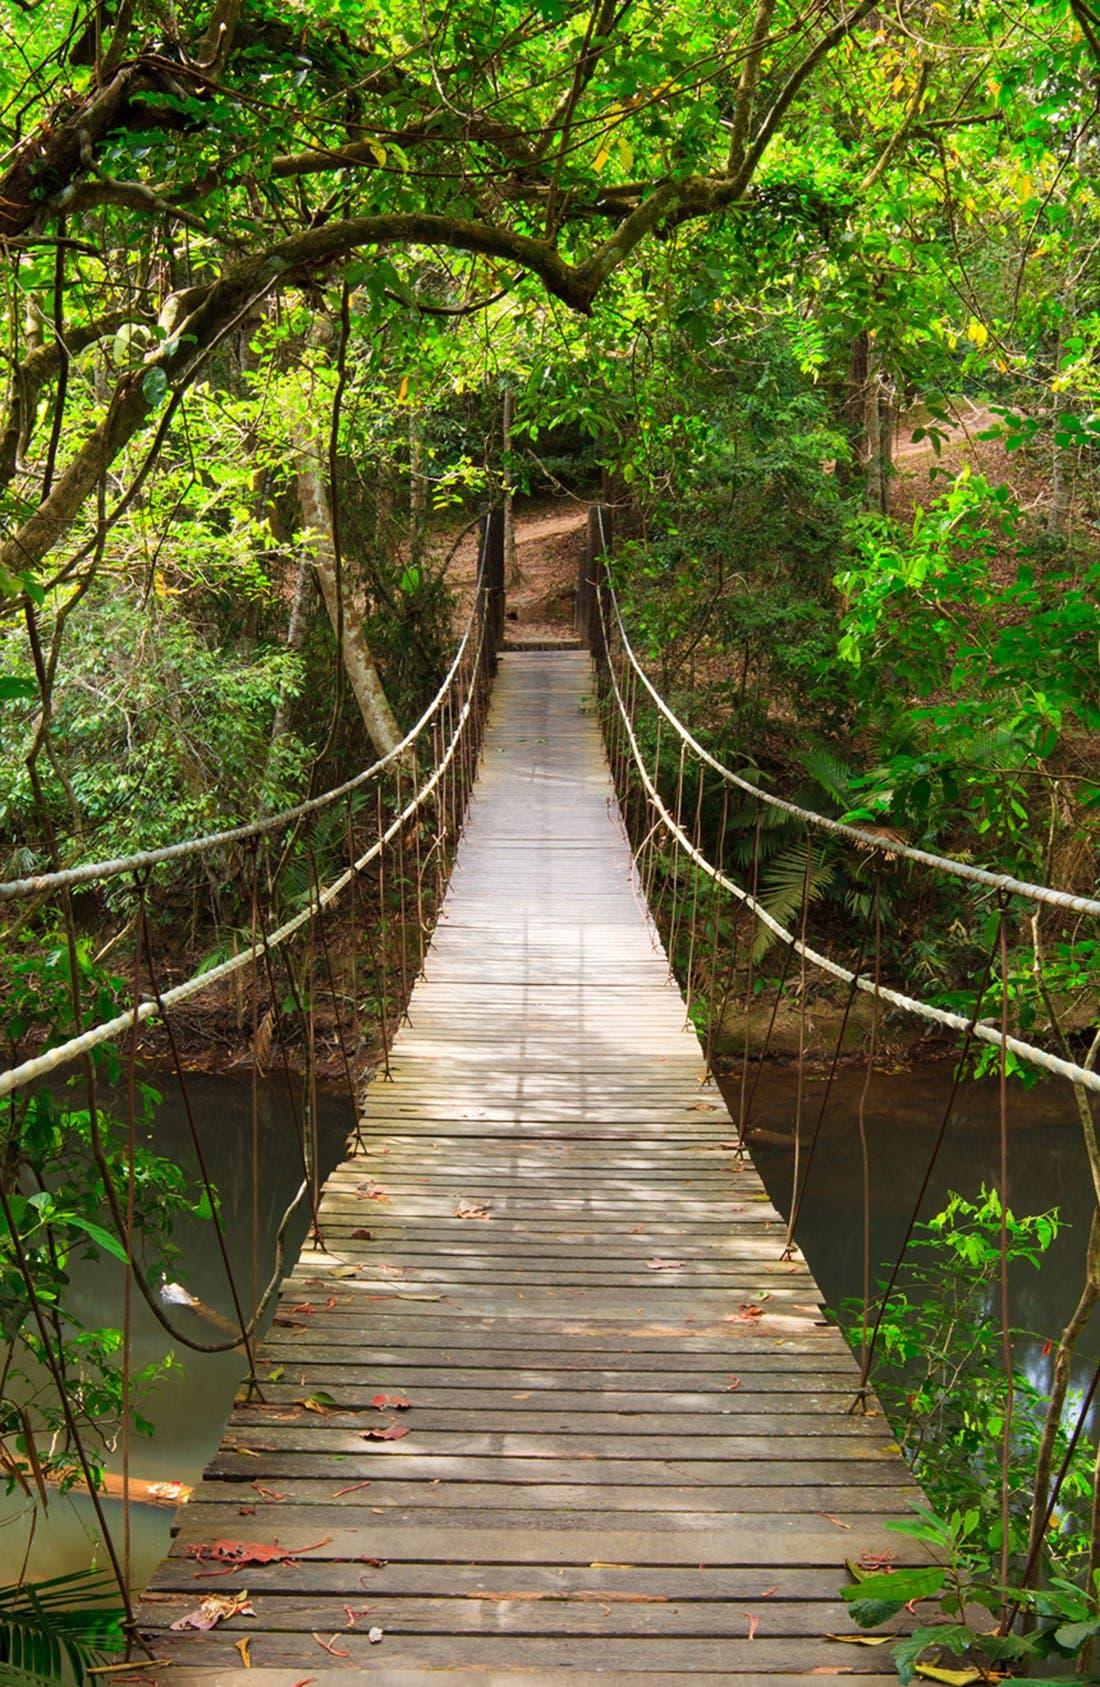 Alternate Image 1 Selected - Wallpops 'Bridge - Mega Panoramic' Wall Art